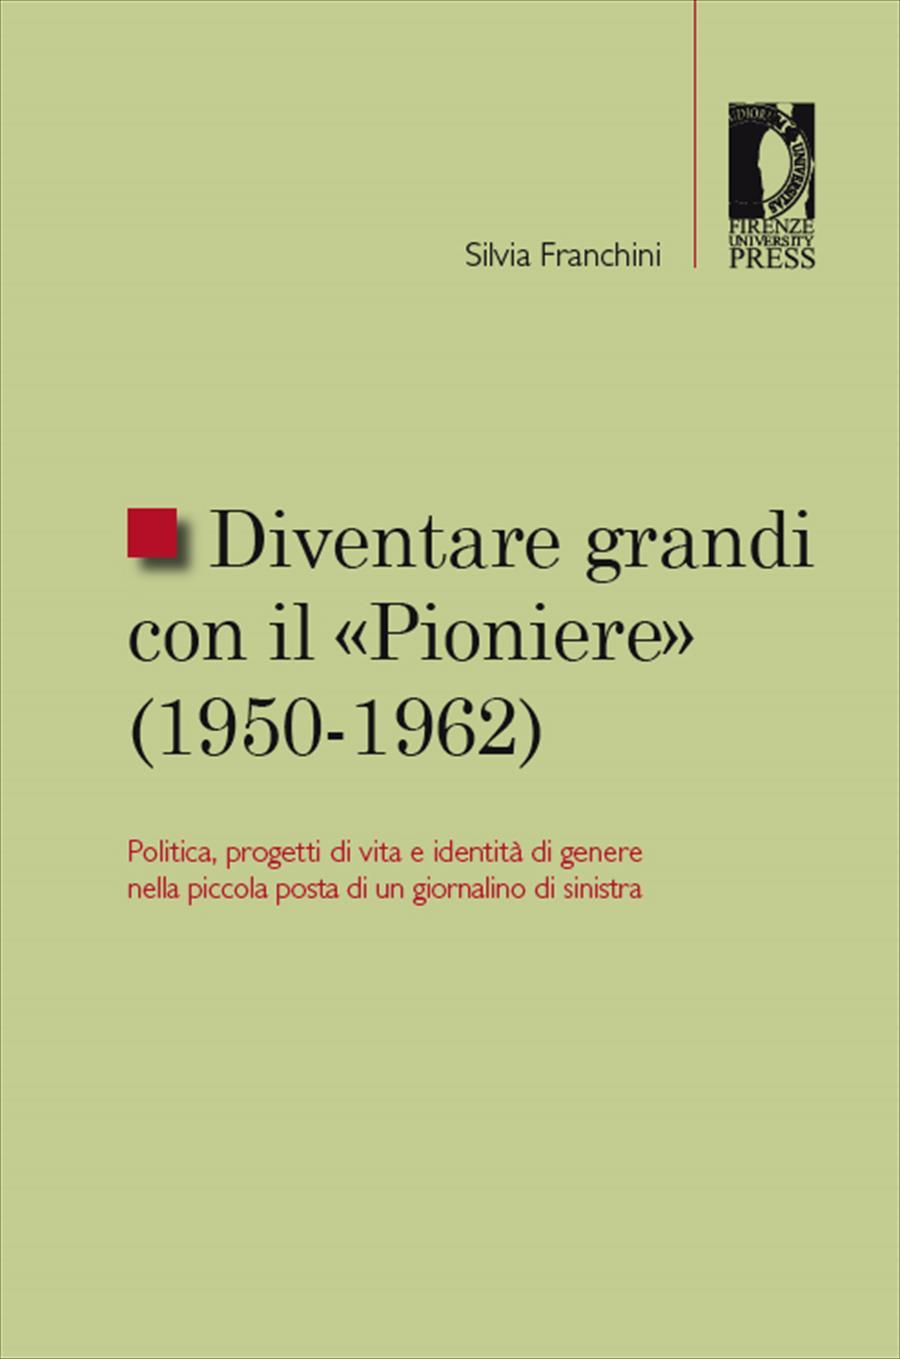 Diventare grandi con il «Pioniere» (1950-1962)